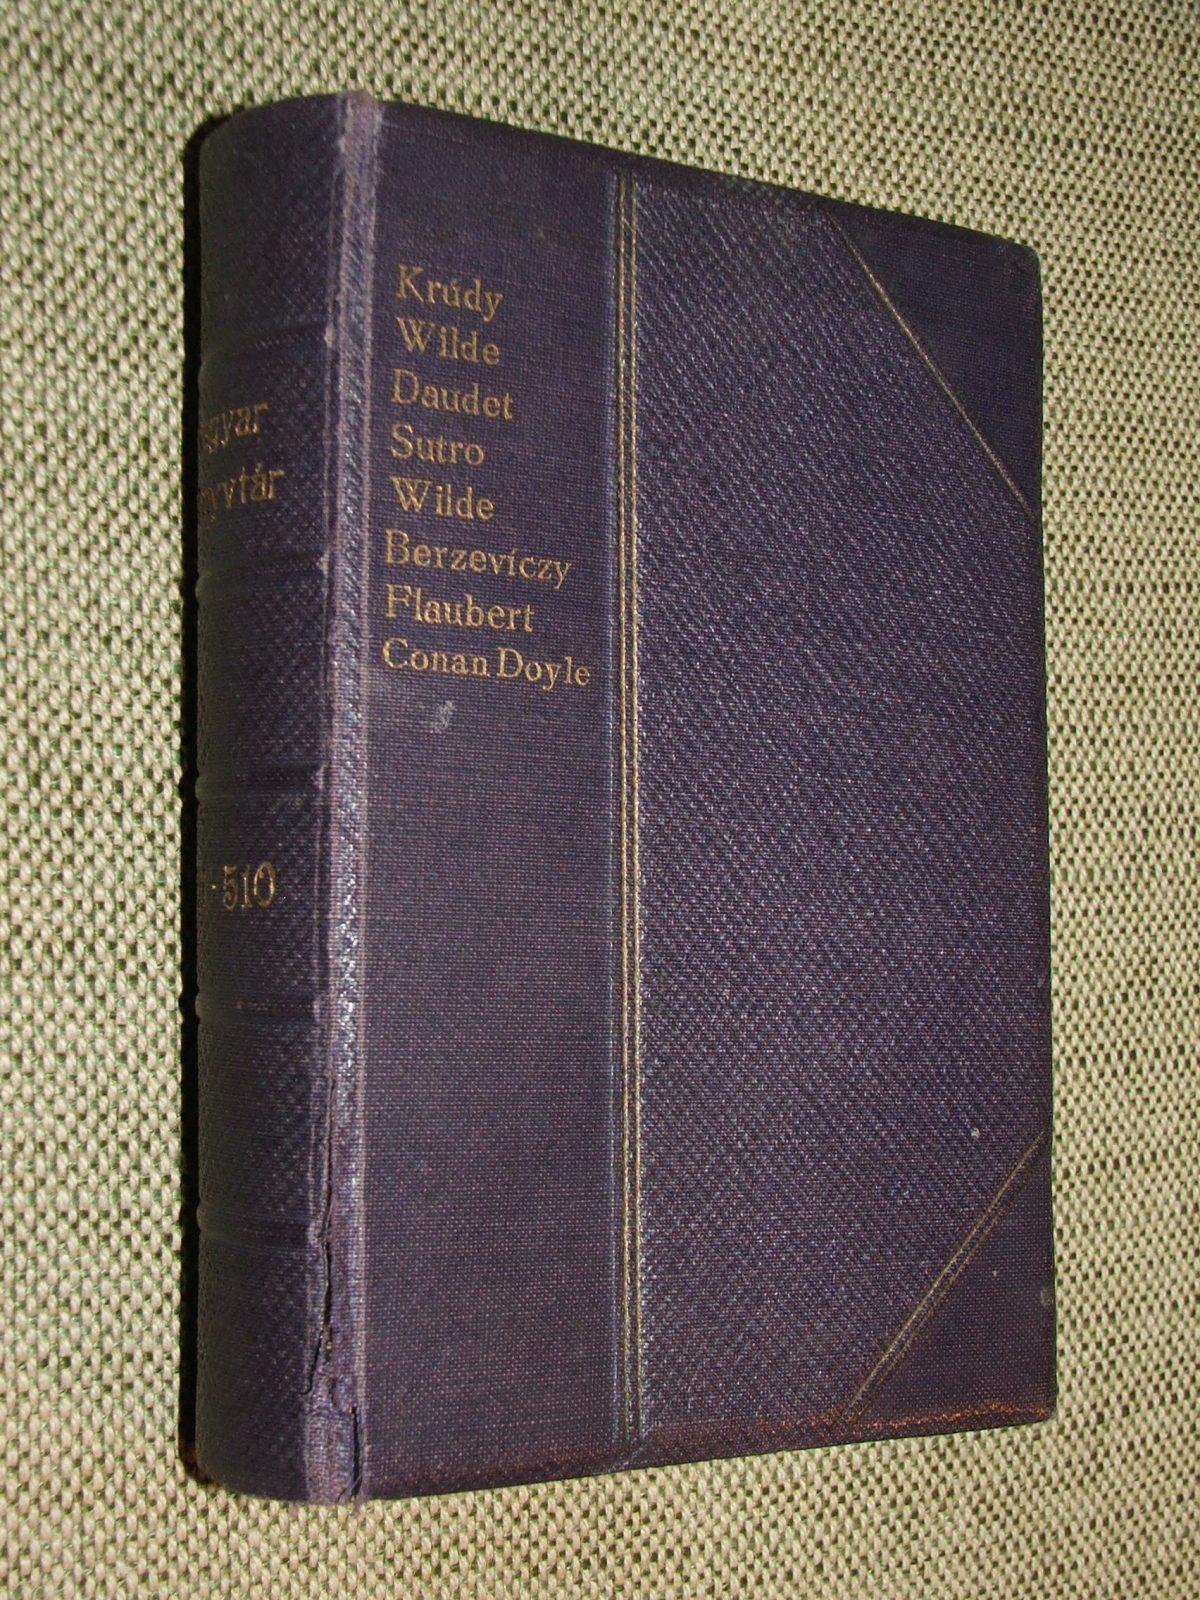 KRÚDY-WILDE-DAUDET-SUTRO-WILDE-BERZEVICZY-FLAUBERT-CONAN DOYLE: Magyar Könyvtár 501-510